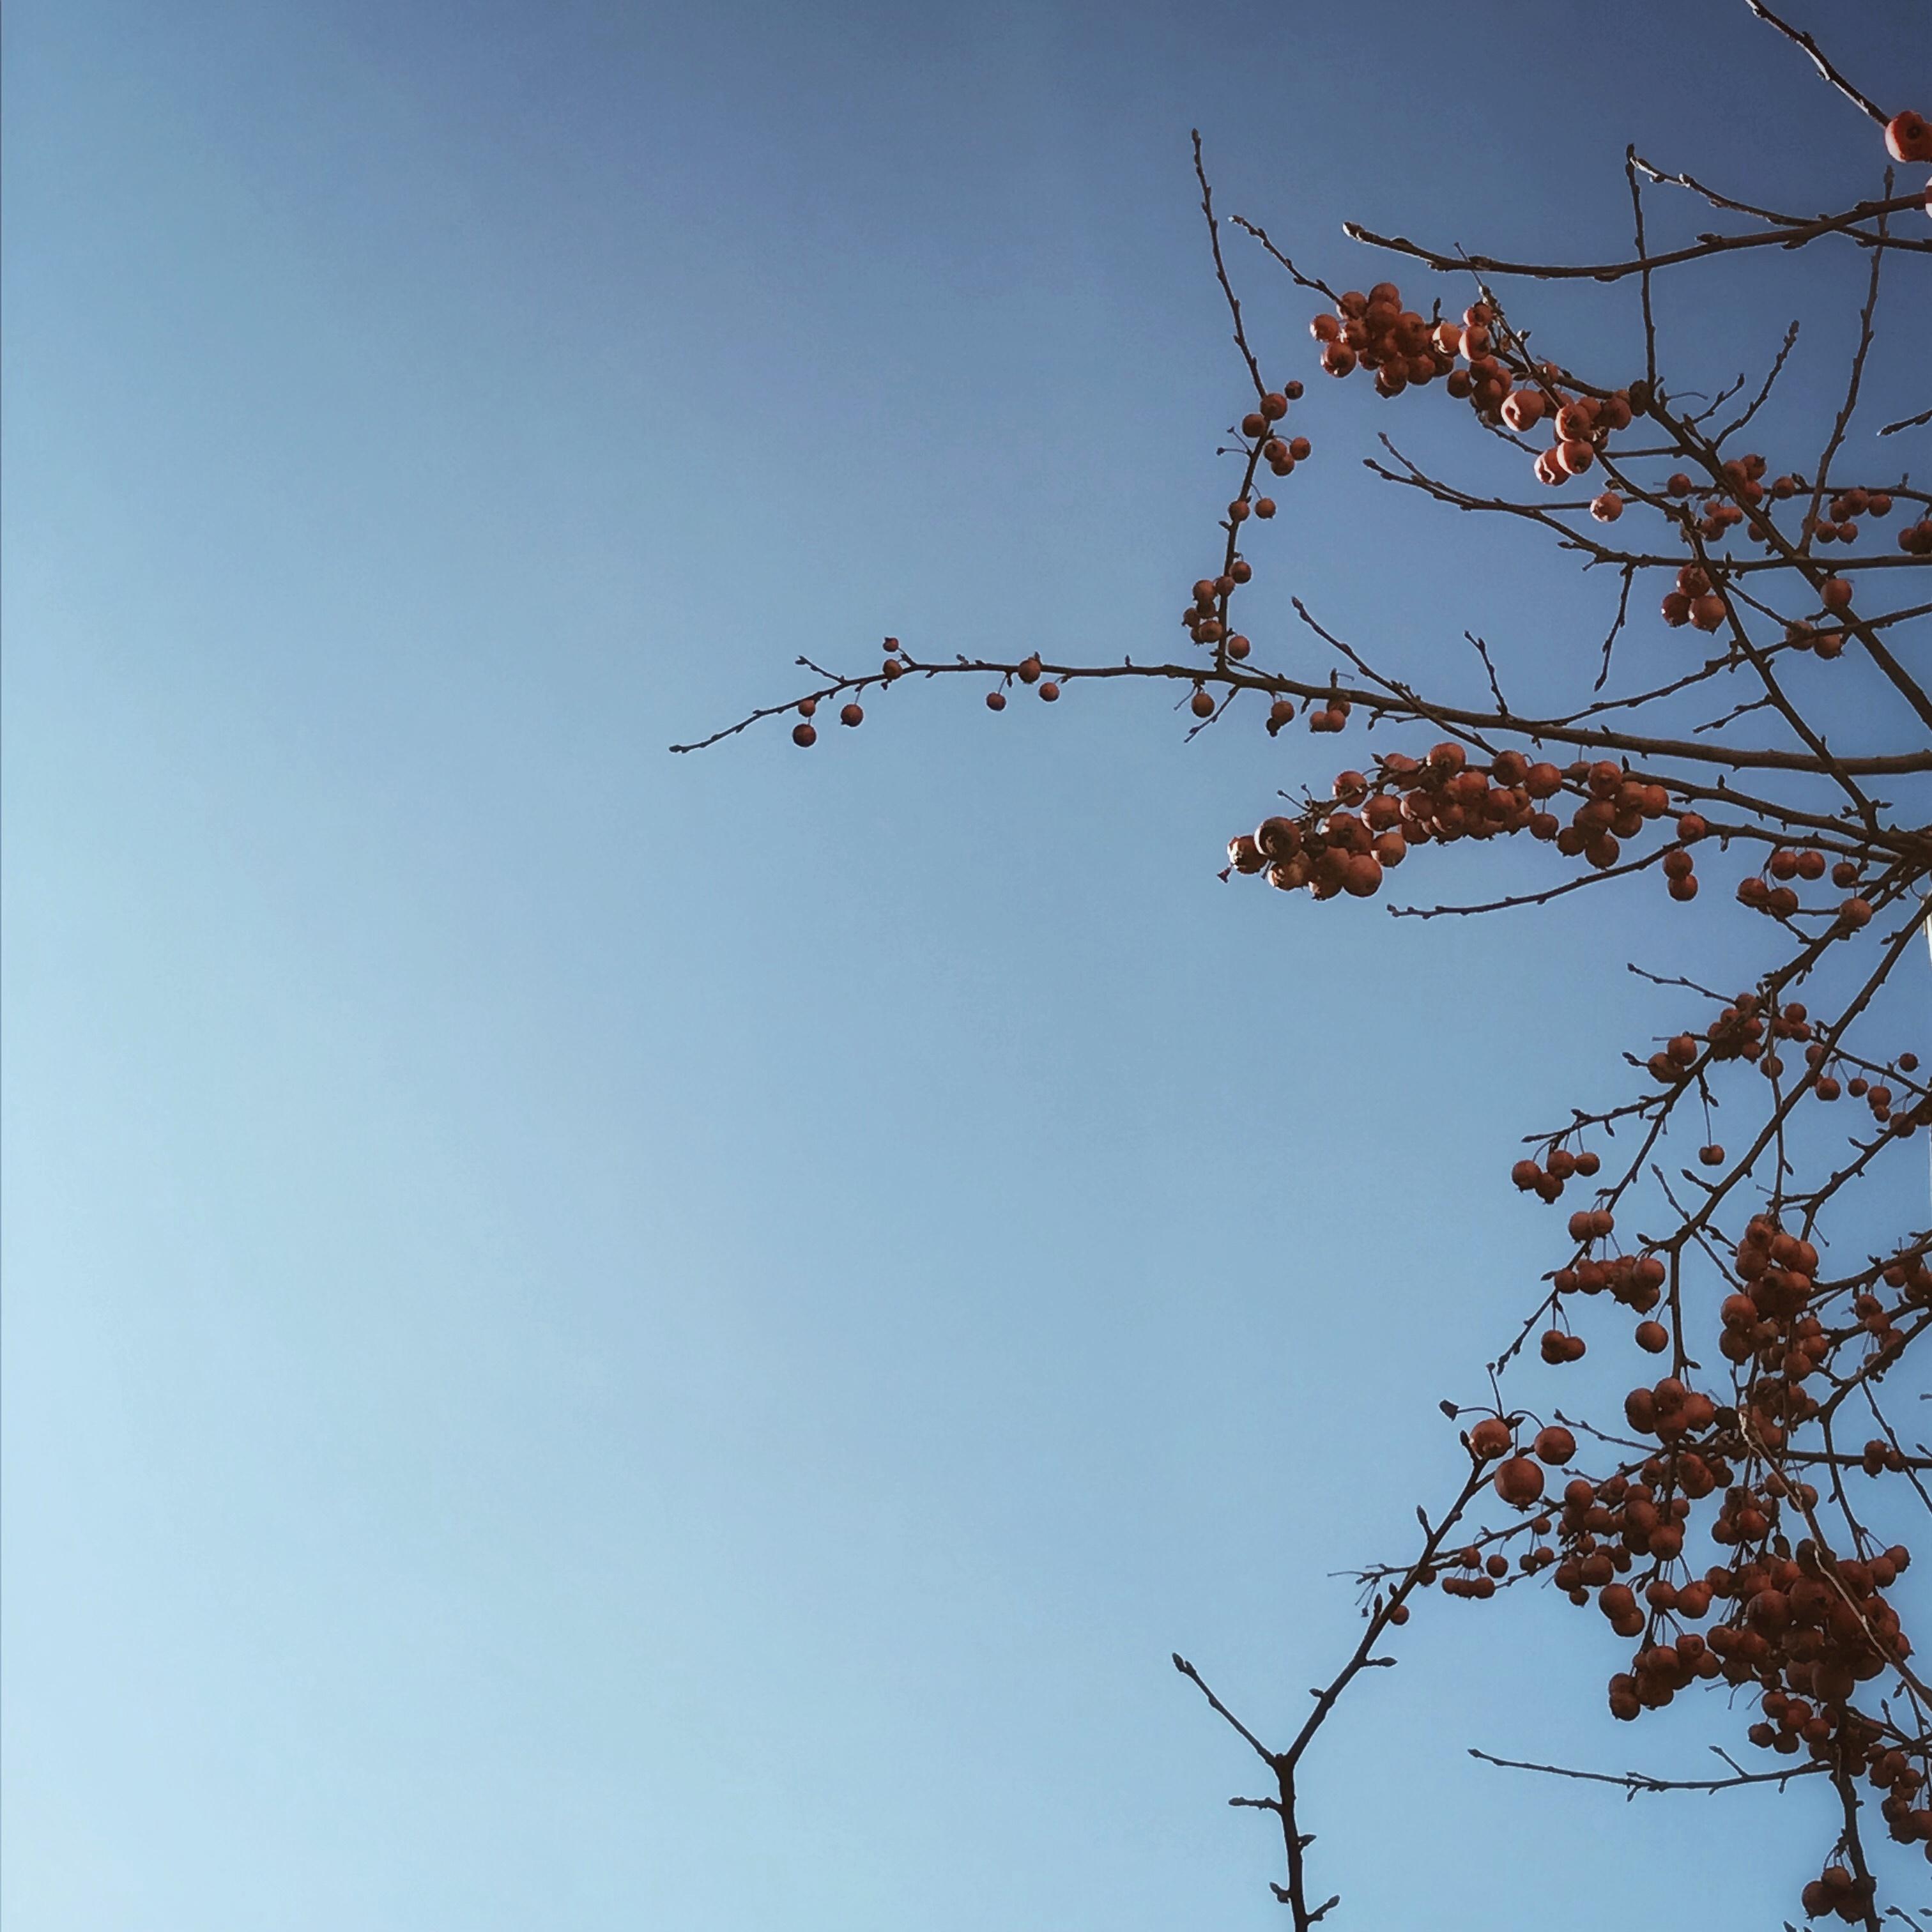 Le ciel d'un bleu si pur et la nature qui s'éveille